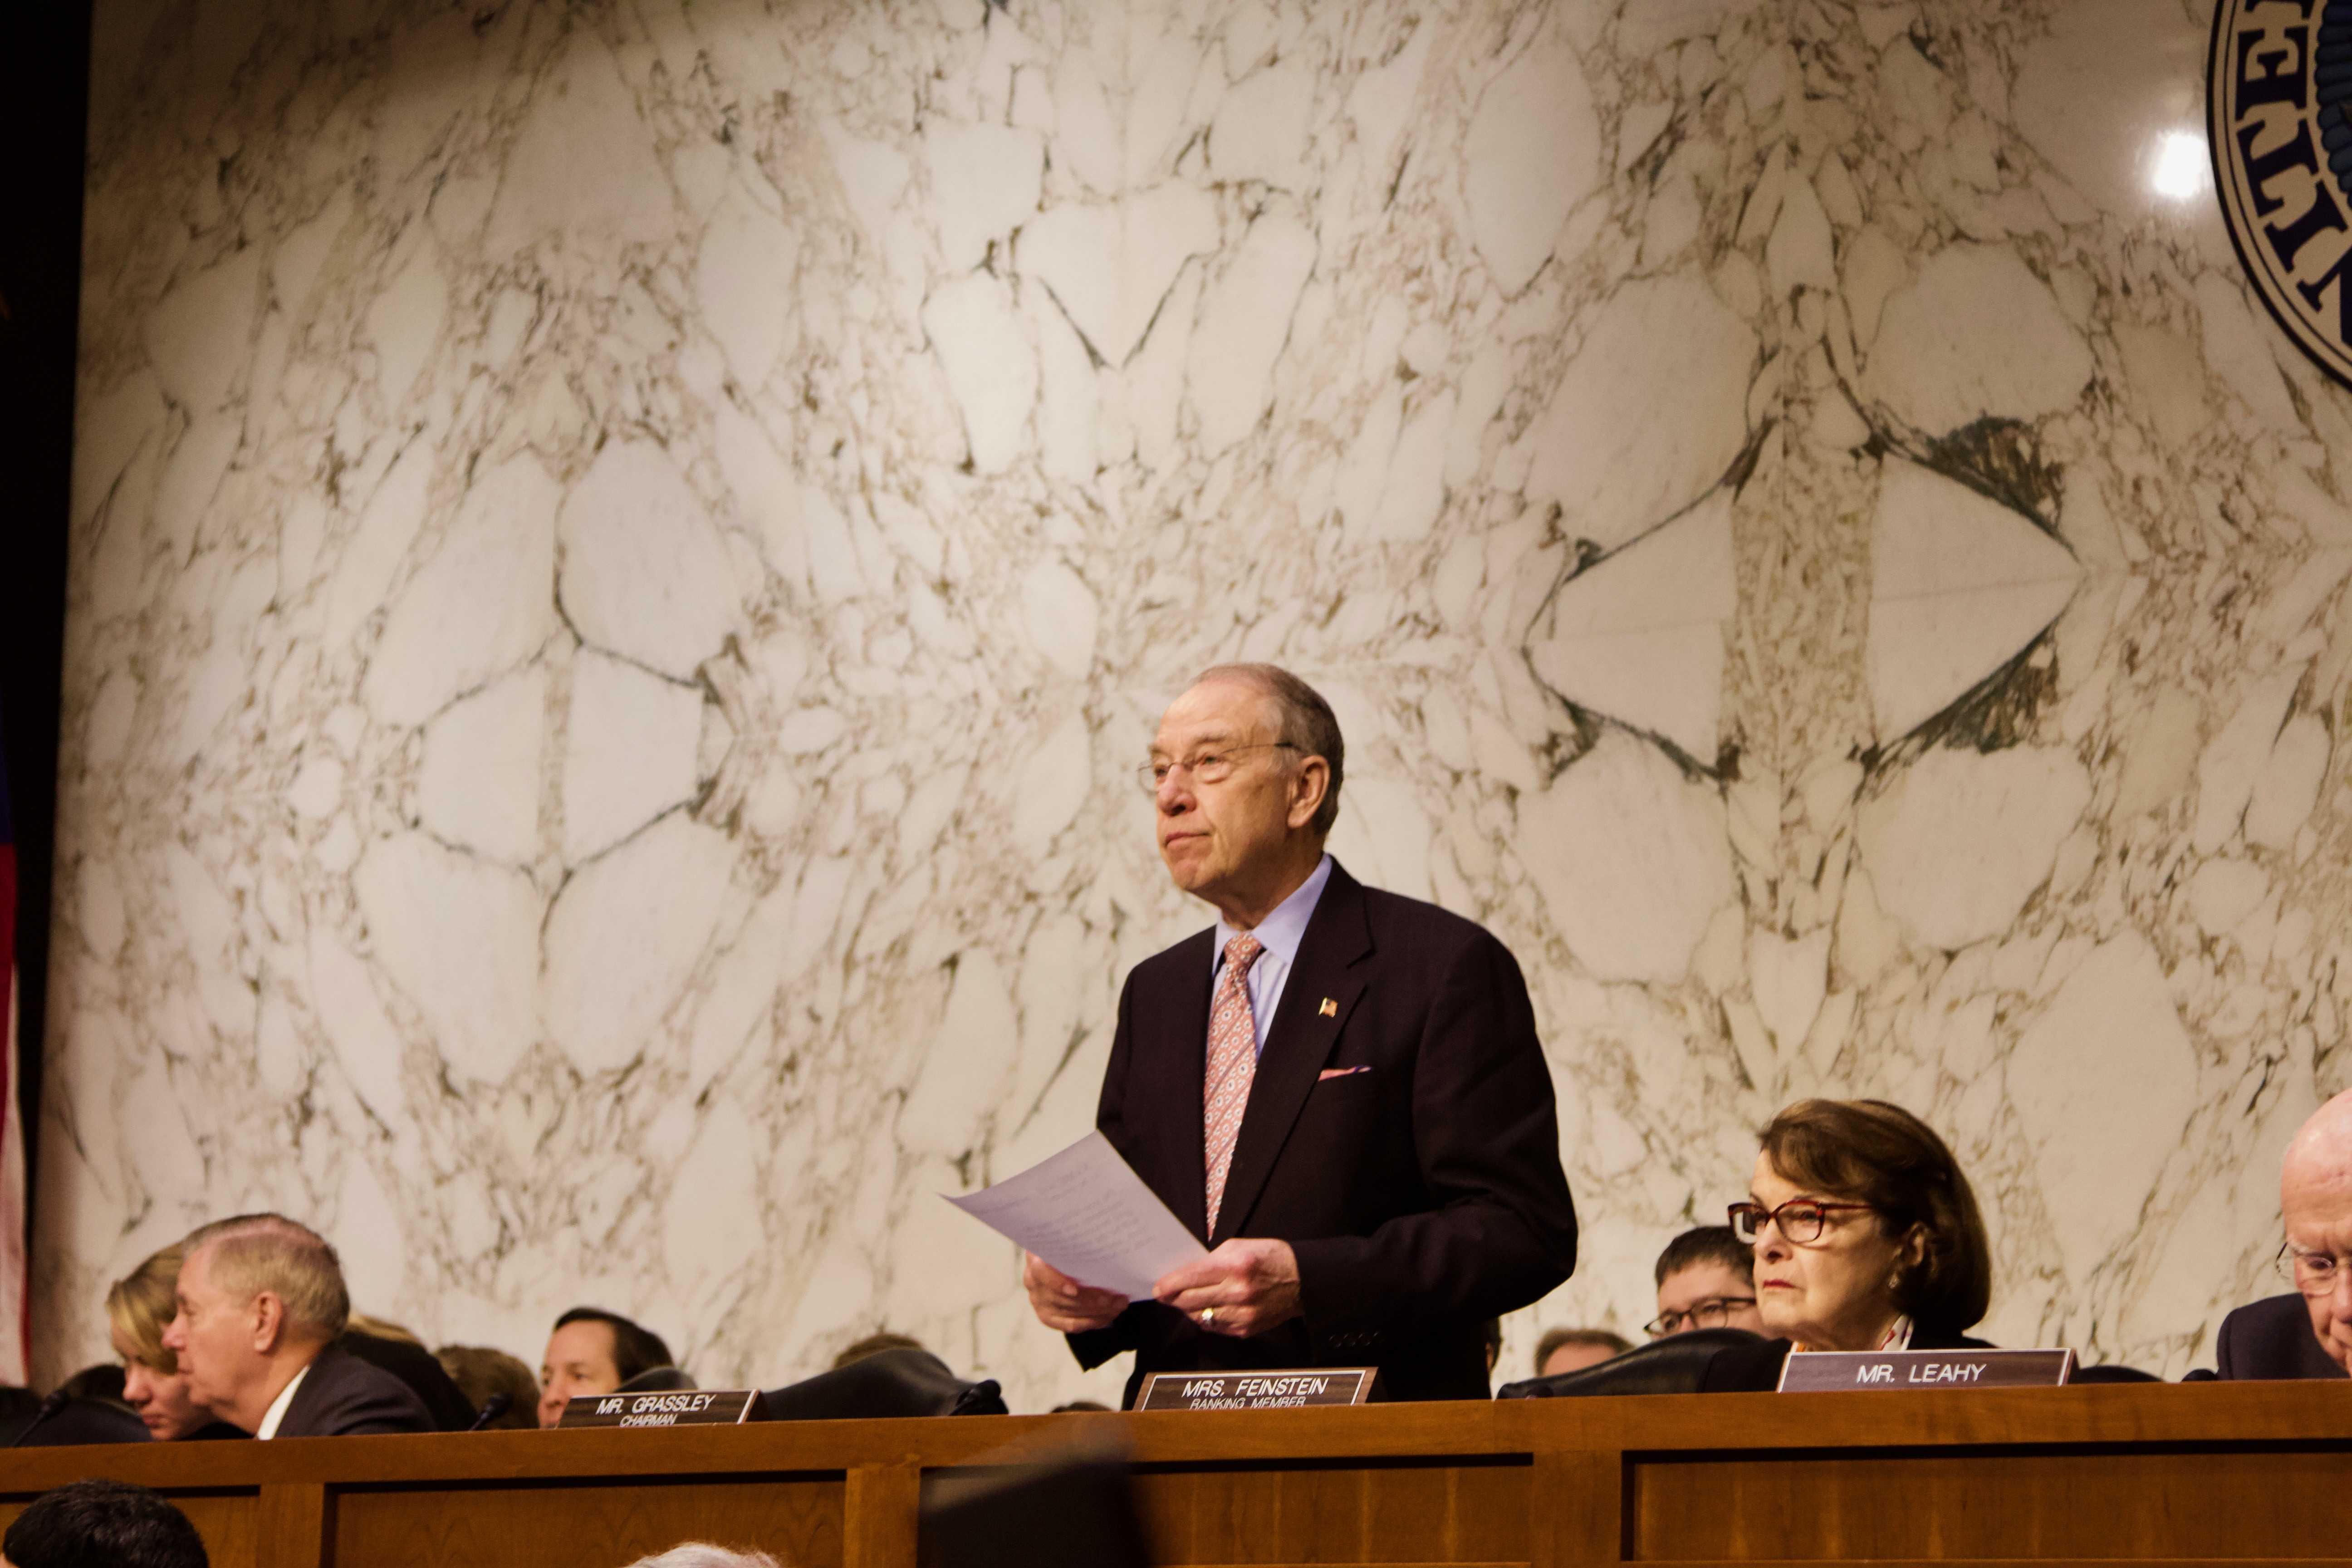 Iowa senators support Trump's Supreme Court nominee